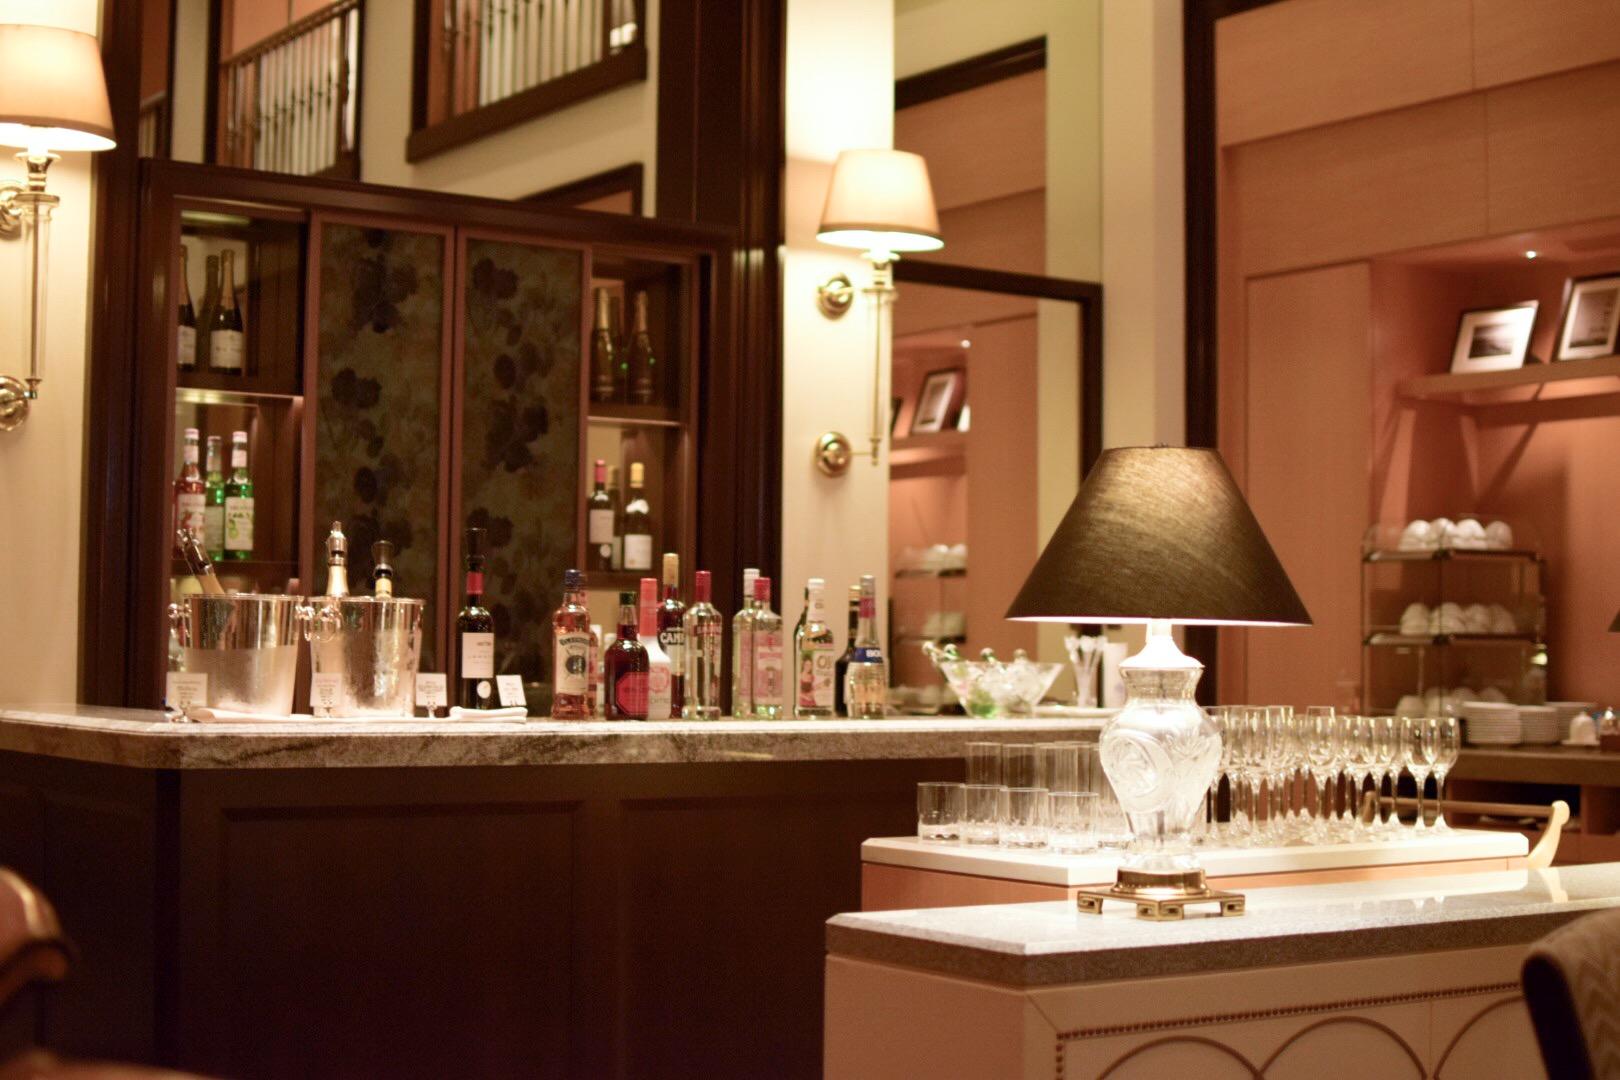 【横浜】ロイヤルパークホテル 新クラブフロア65階「ザクラブ」【横浜の夜景を一望】_2